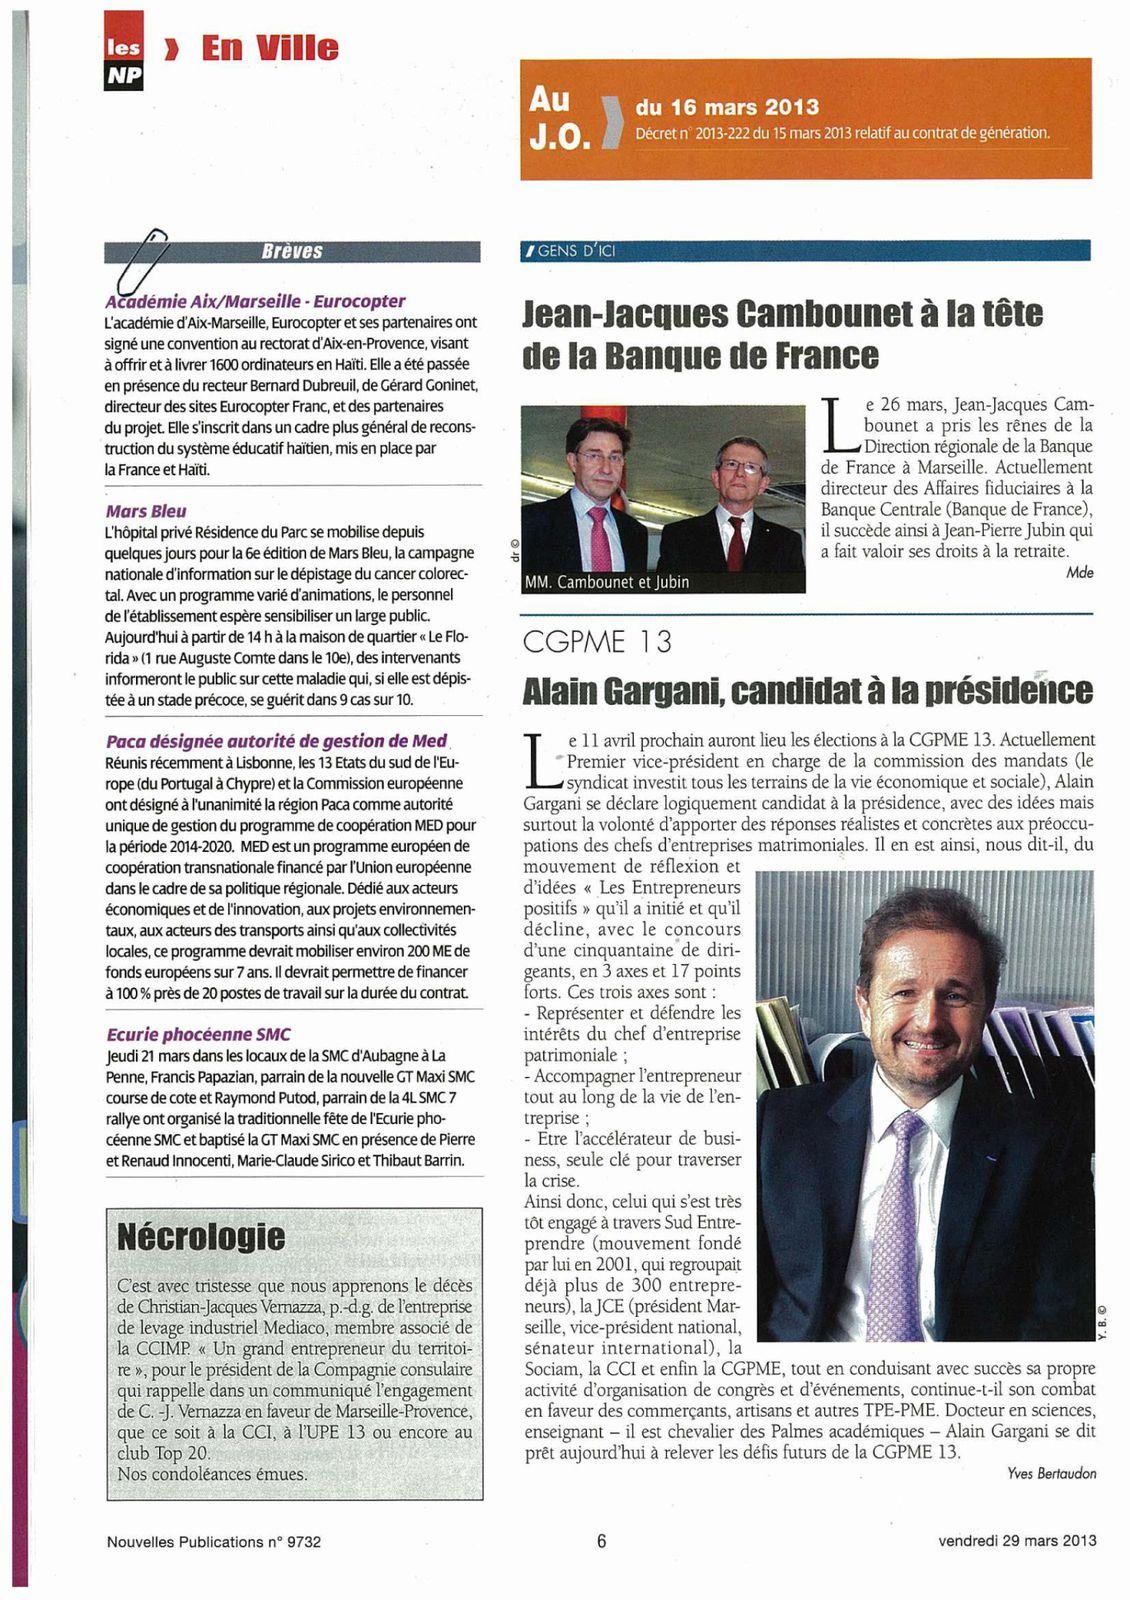 Les nouvelles publications titre : Alain GARGANI, candidat à la Présidence